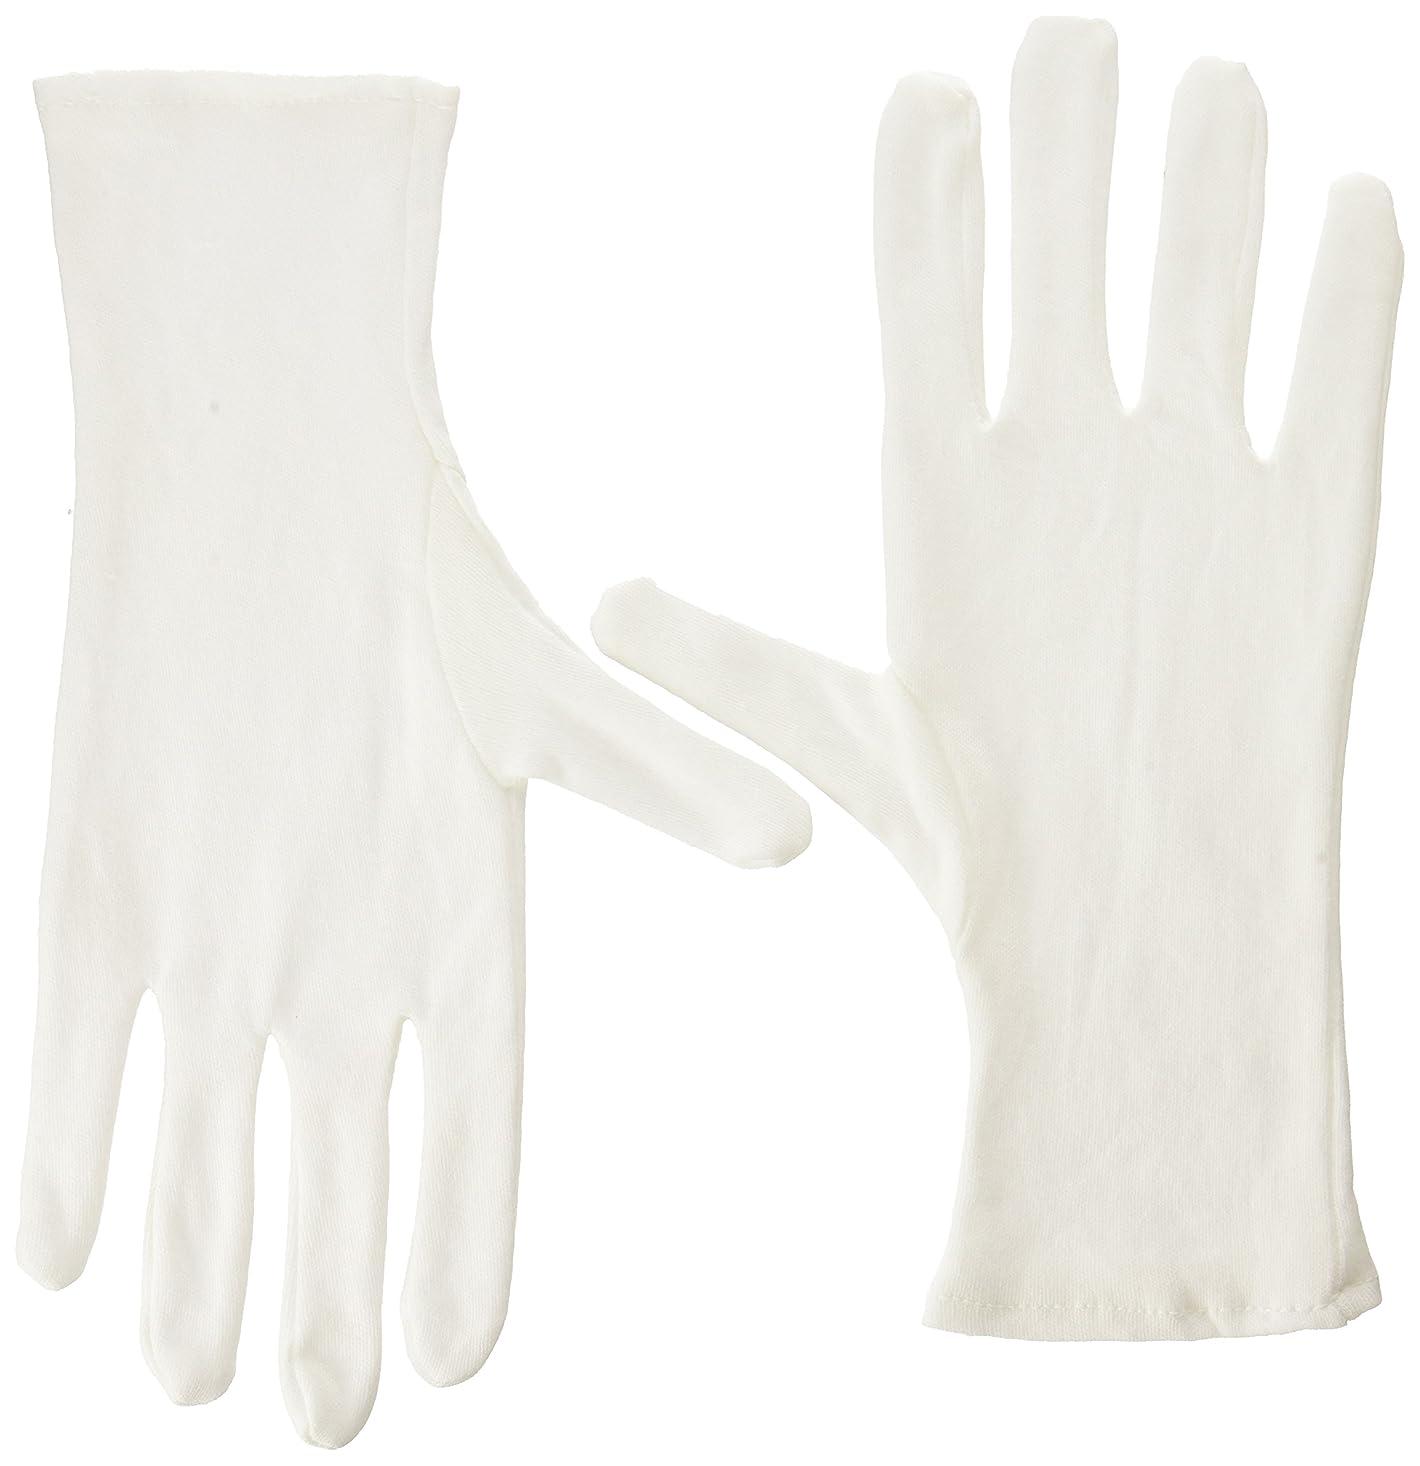 ホール安いです研究綿スムス手袋 10双組